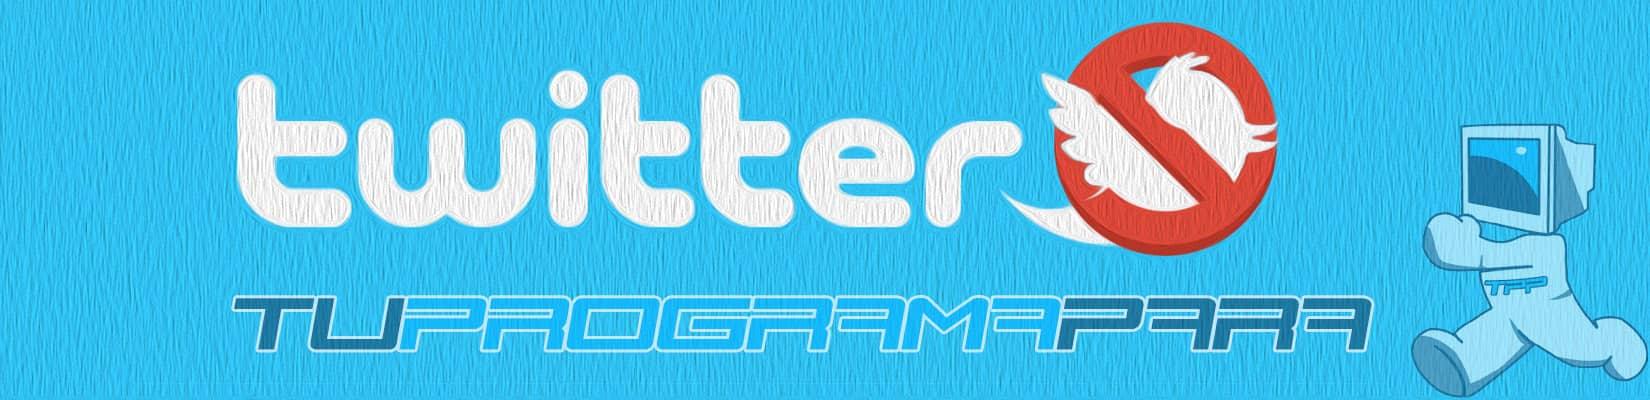 como eliminar una cuenta de twitter